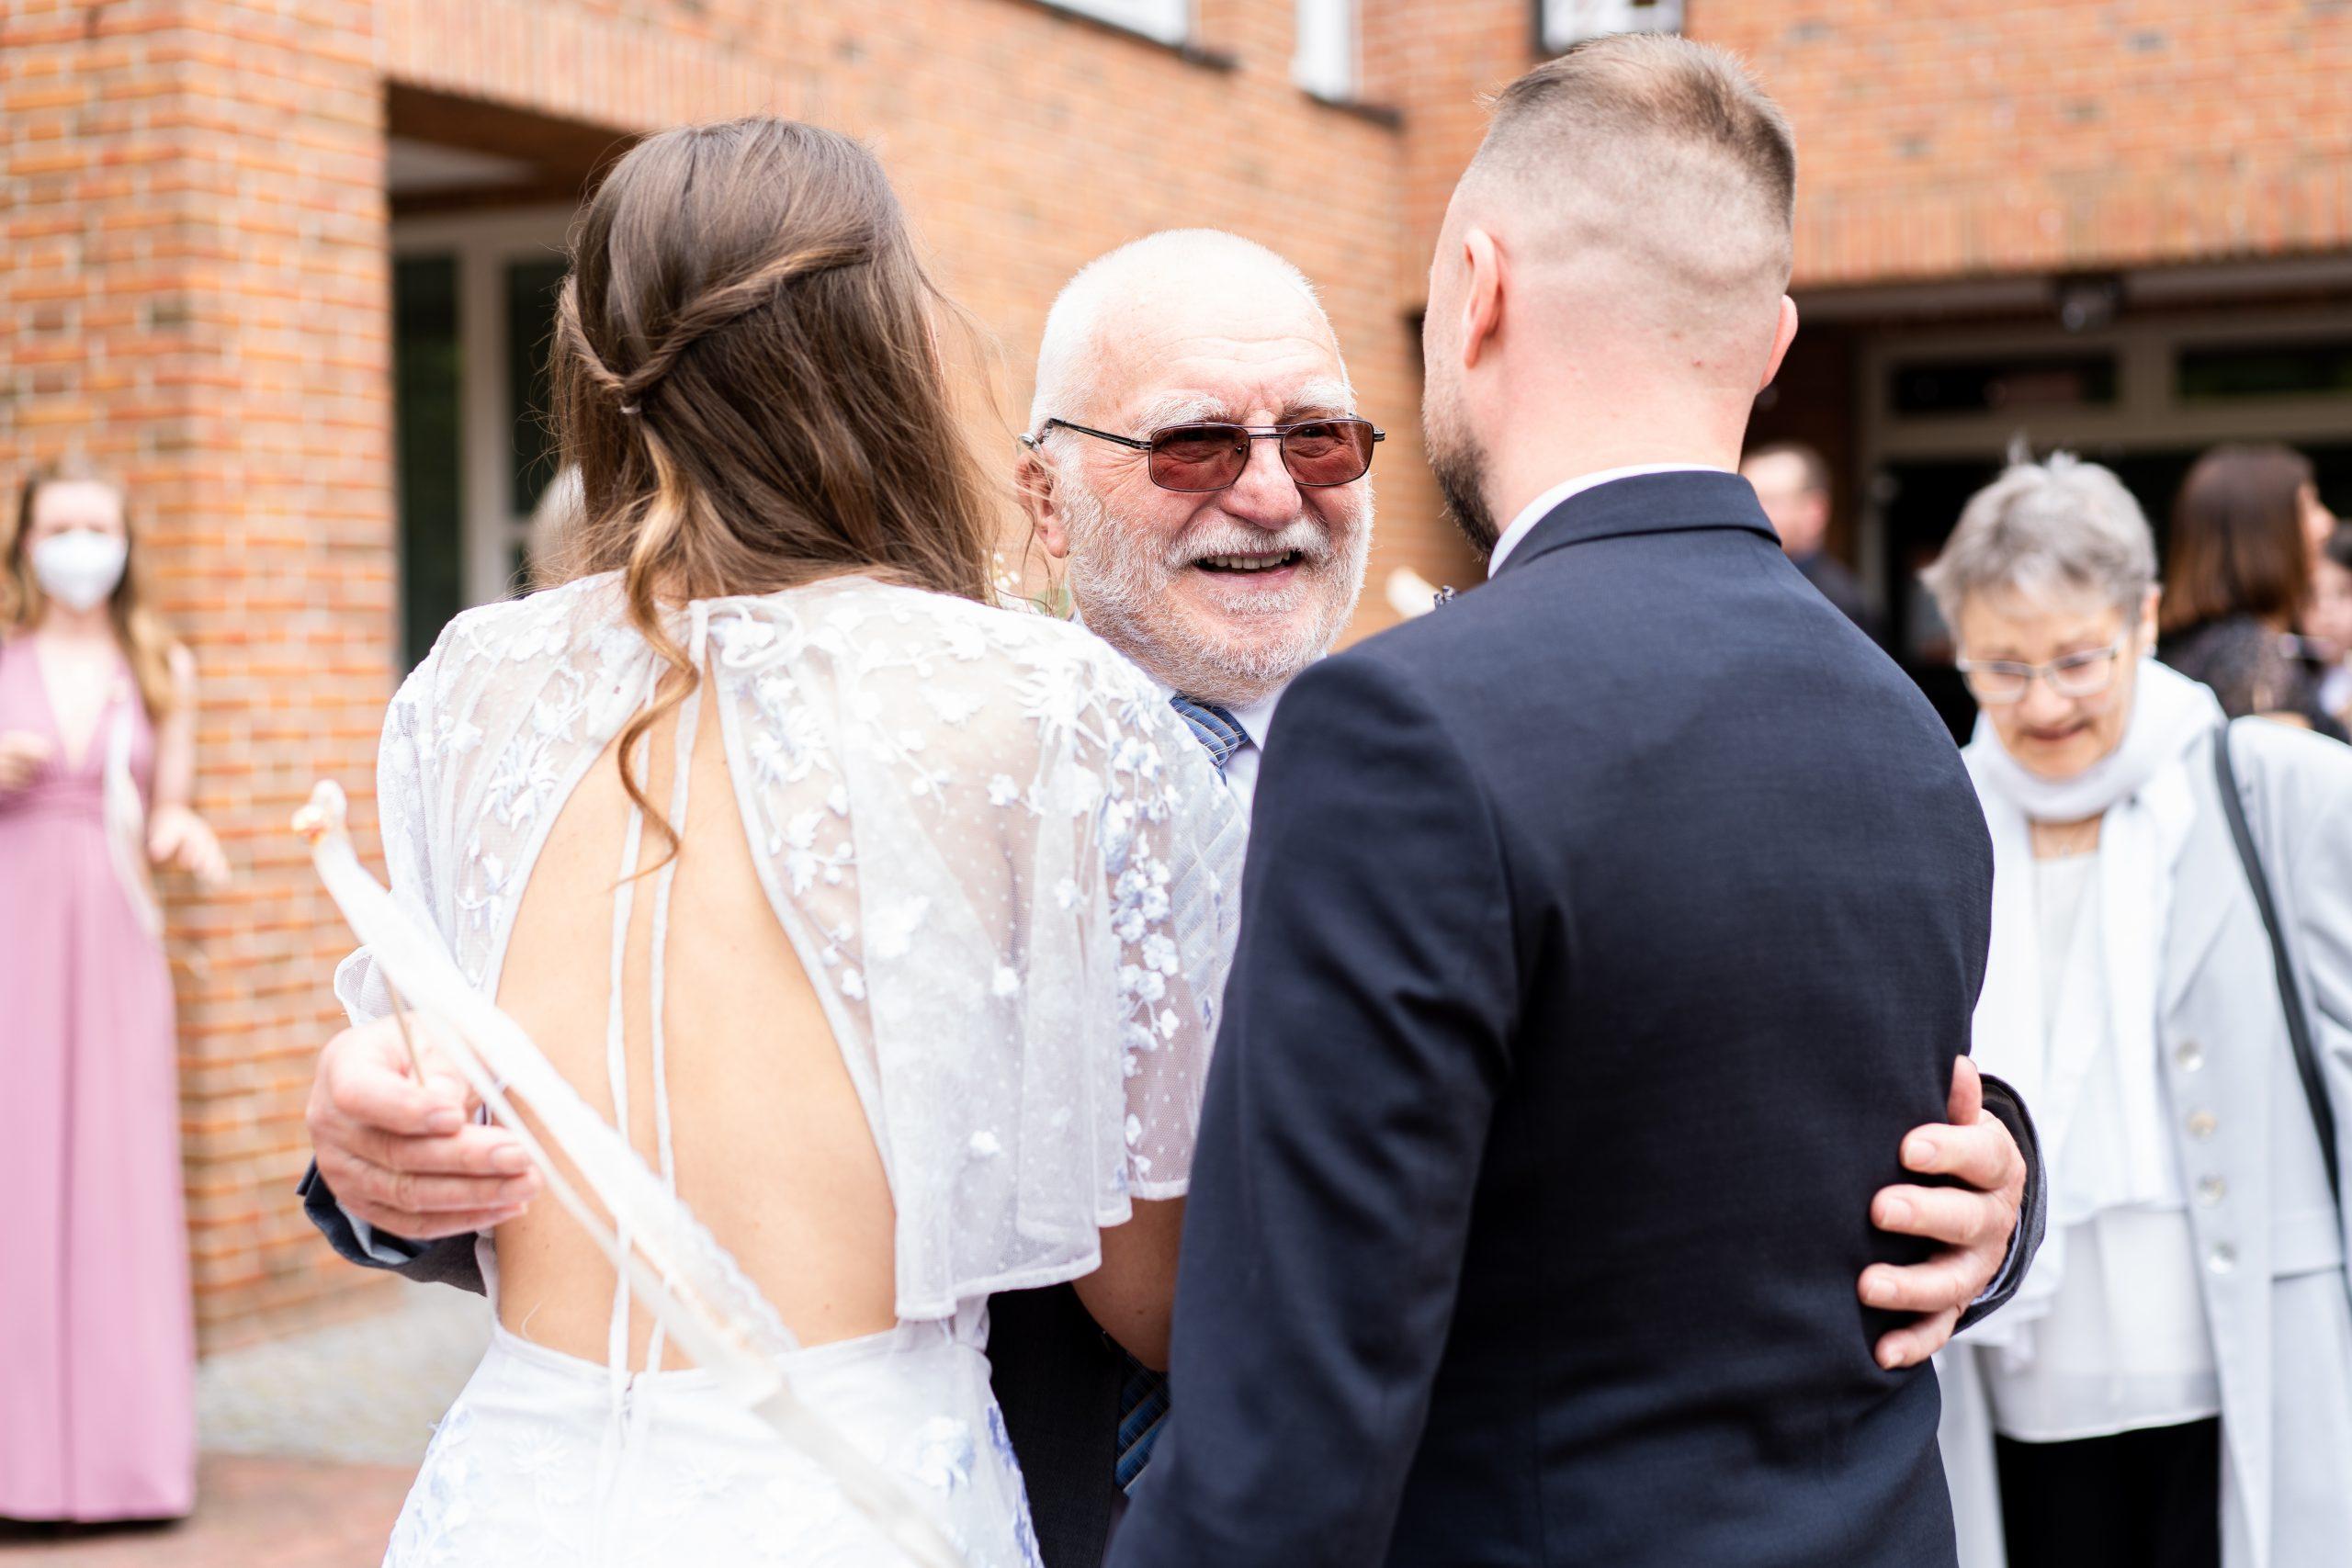 Hochzeitsempfang Hochzeitsbegrüßung Hochzeitsrede Brautpaar Ehe Fotografie Hochzeitsfotografin Weyhe Hochzeitsfotografie